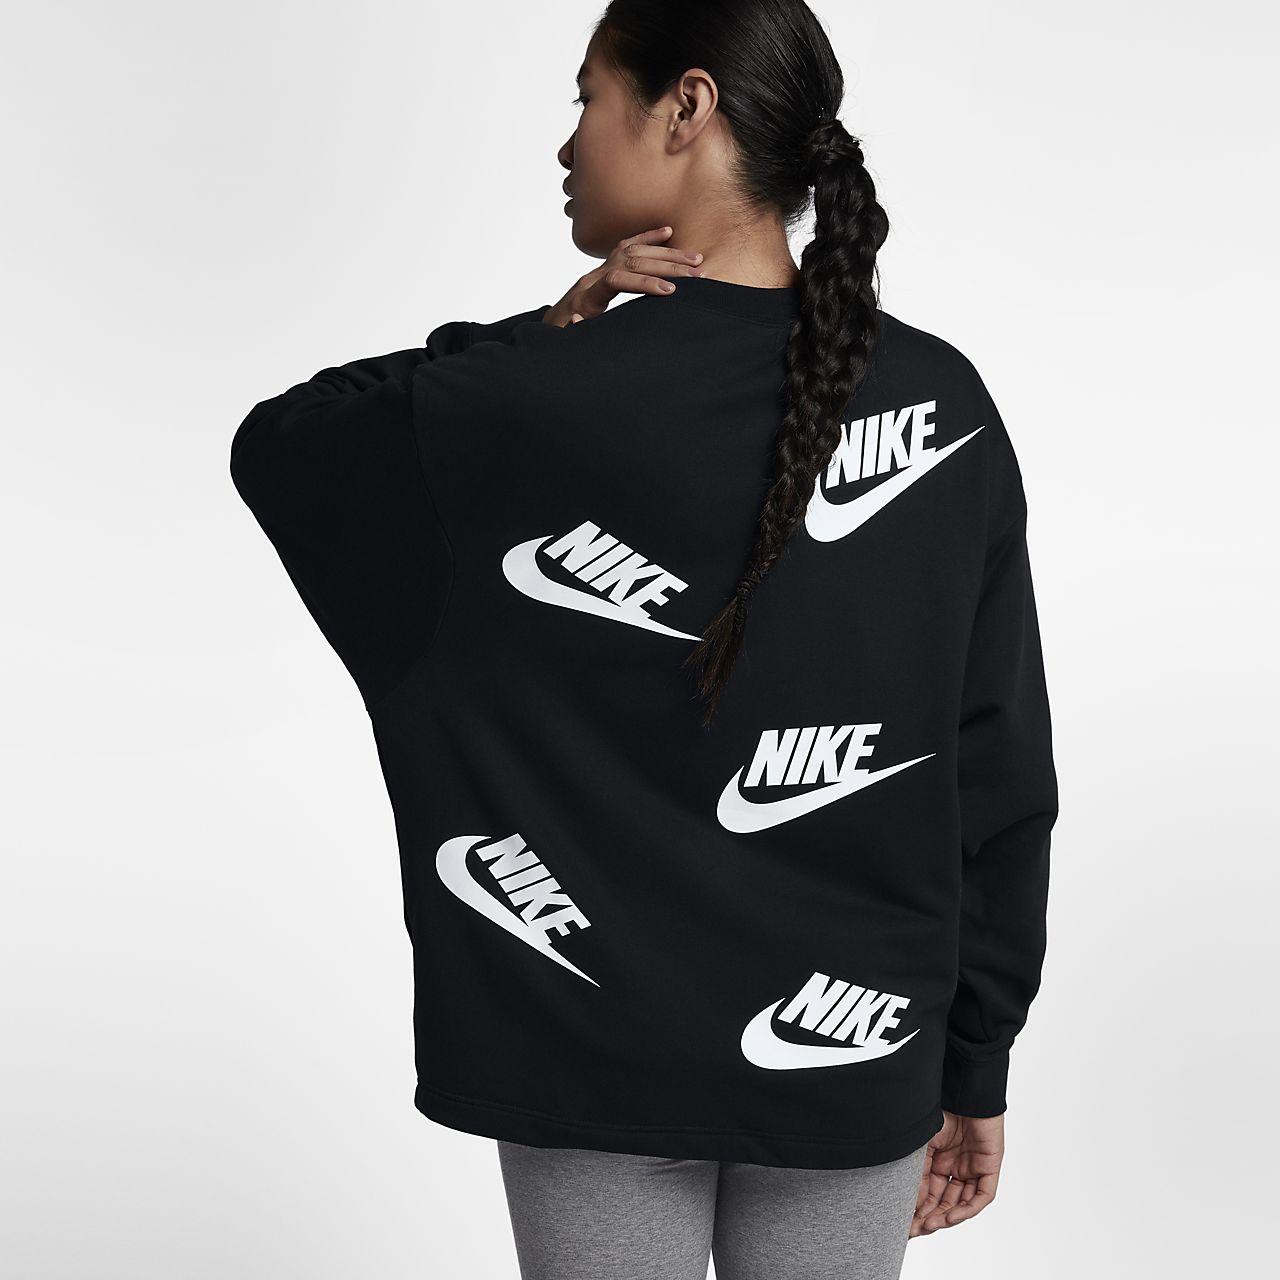 good quality huge inventory good out x Crew Pulls Modern N0nvmwo8 1 Femme Shirt Gris Nike Qmpszvu ...